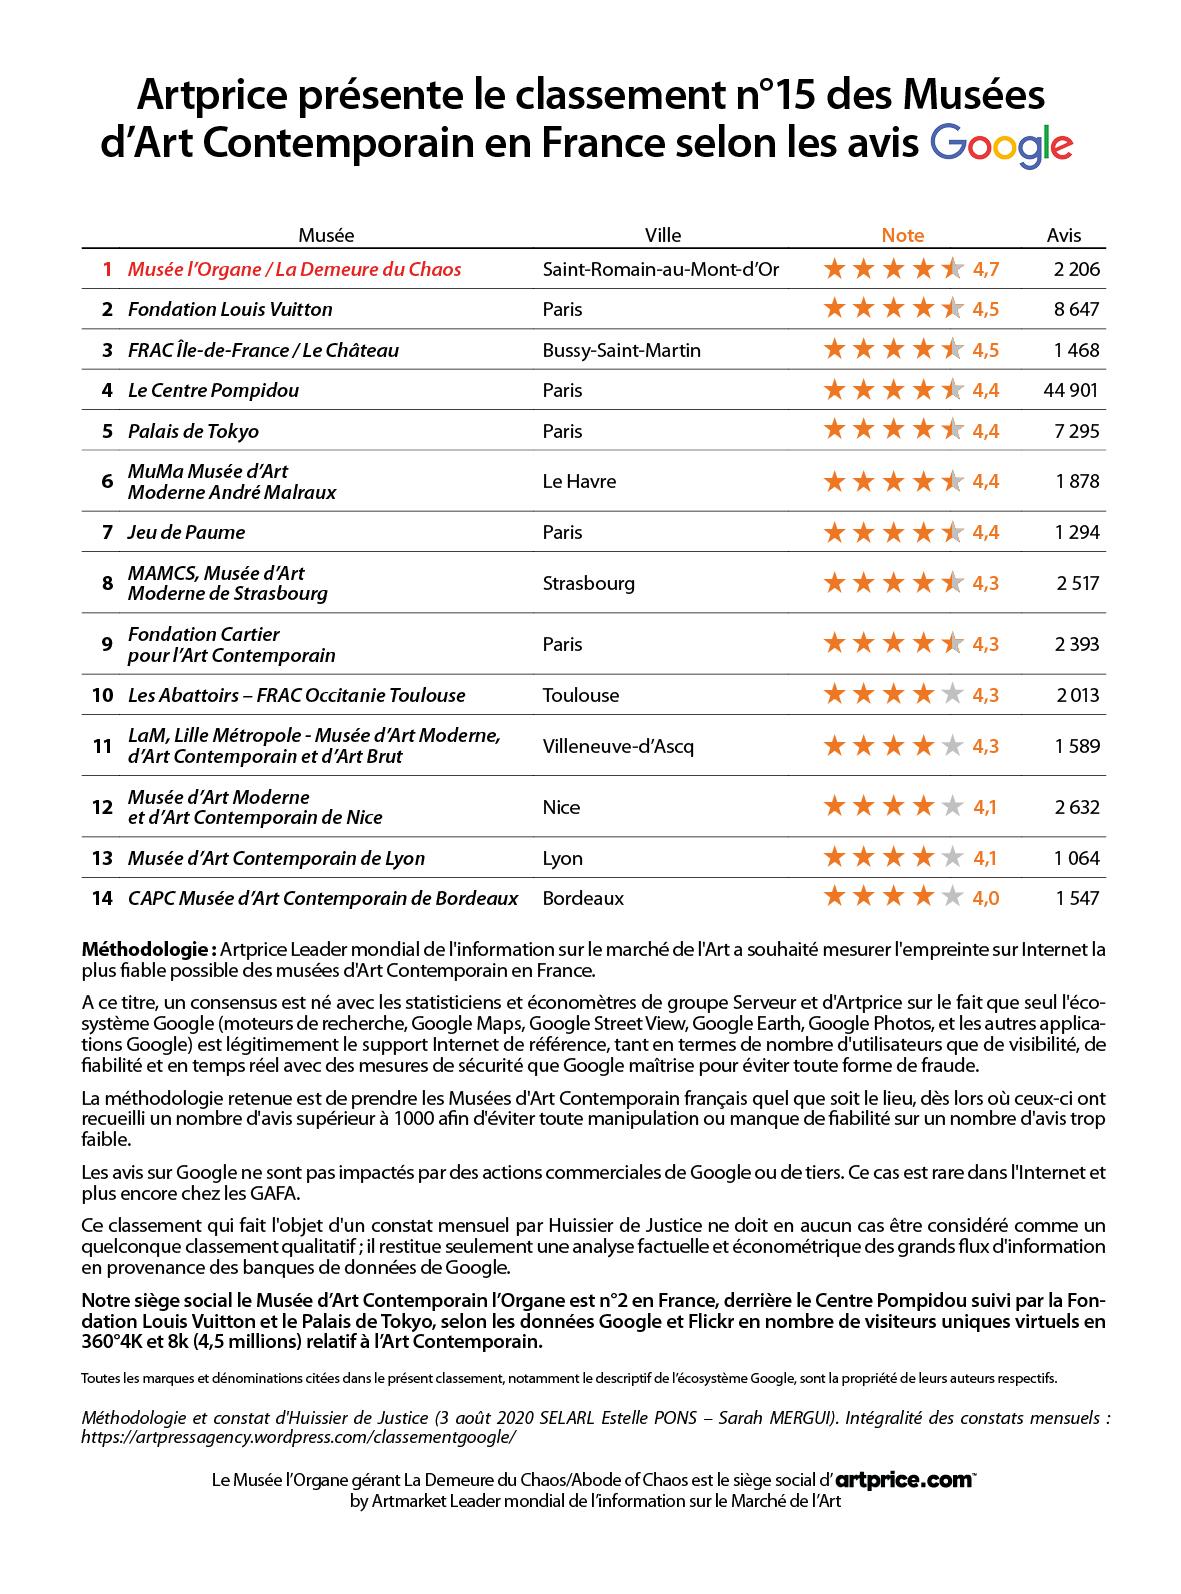 Artprice présente le classement n°15 des Musées d'Art Contemporain en France selon les avis Google